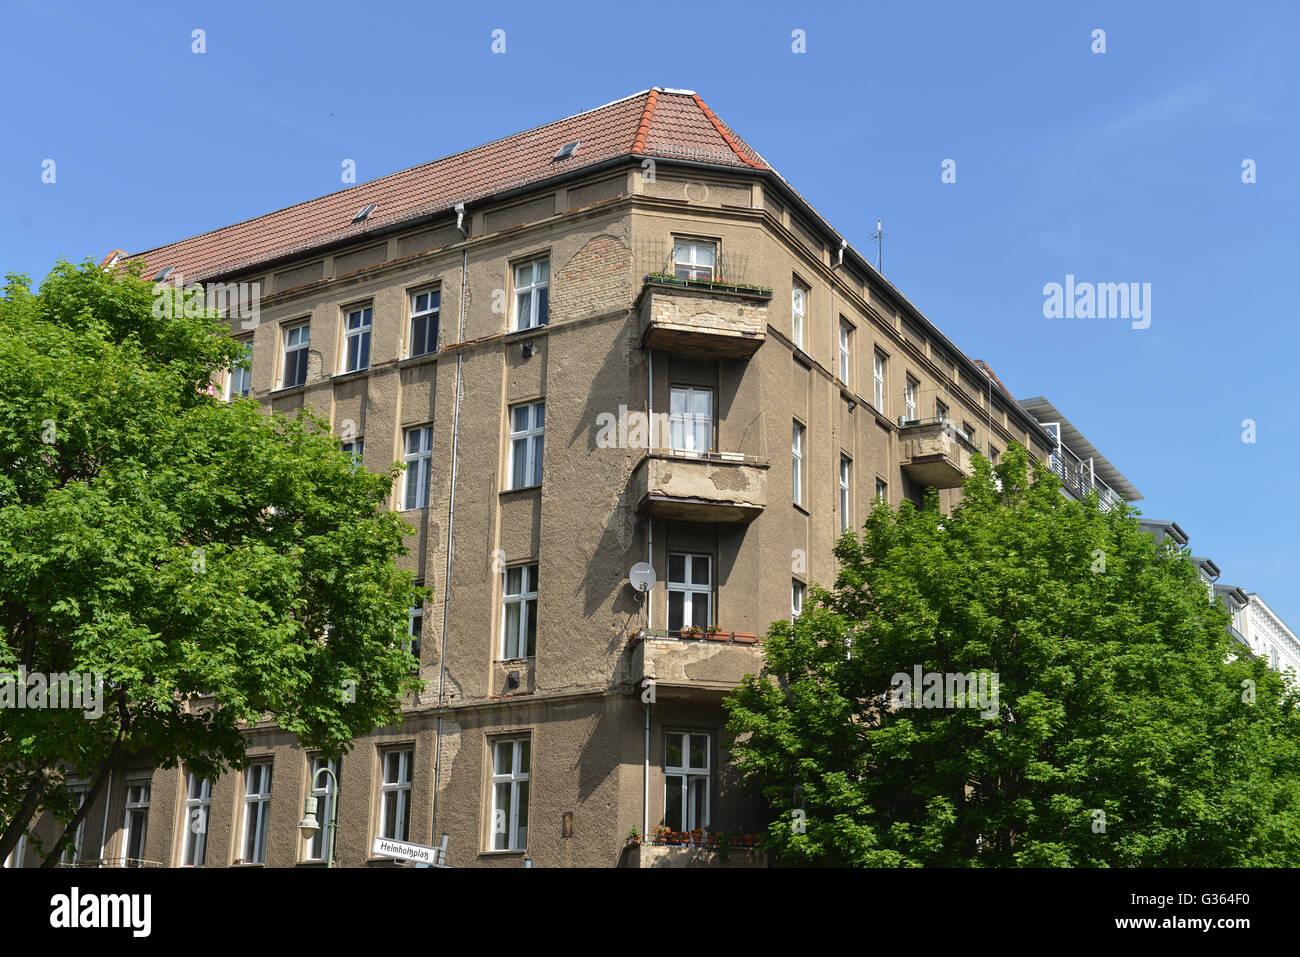 Altbau Helmholtzplatz Prenzlauer Berg Berlin Deutschland